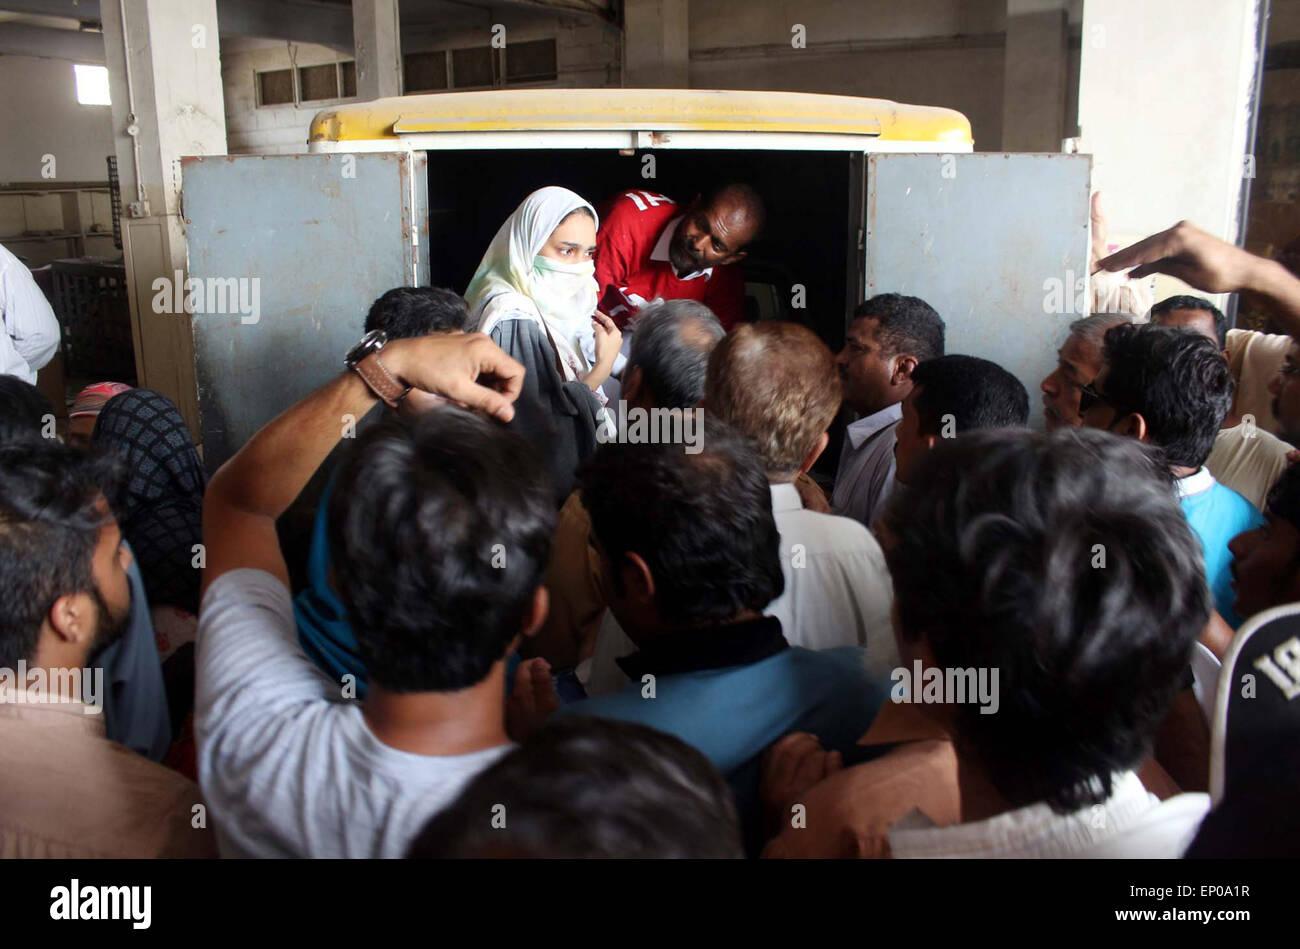 Rettung Beamten Verschiebung Leiche des ehemaligen Muttahida Qaumi Bewegung (MQM) Aktivist Saulat Mirza in einem Krankenwagen, ein Kühlhaus Edhi, am Dienstag in dreifacher Mord im Mach-Gefängnis gehängt wurde, hieß es ruhig und gelassen am Galgen, auf Jinnah International Airport Karatschi auf Dienstag, 12. Mai 2015 sein. Ehemalige Muttahida Qaumi Bewegung (MQM) Aktivist Saulat Mirza wurde ausgeführten heute Morgen um 04:30, für die Ermordung des ehemaligen KESC Geschäftsführer Shahid Hamid, seine Fahrer und Wache im Jahr 1997. Stockfoto